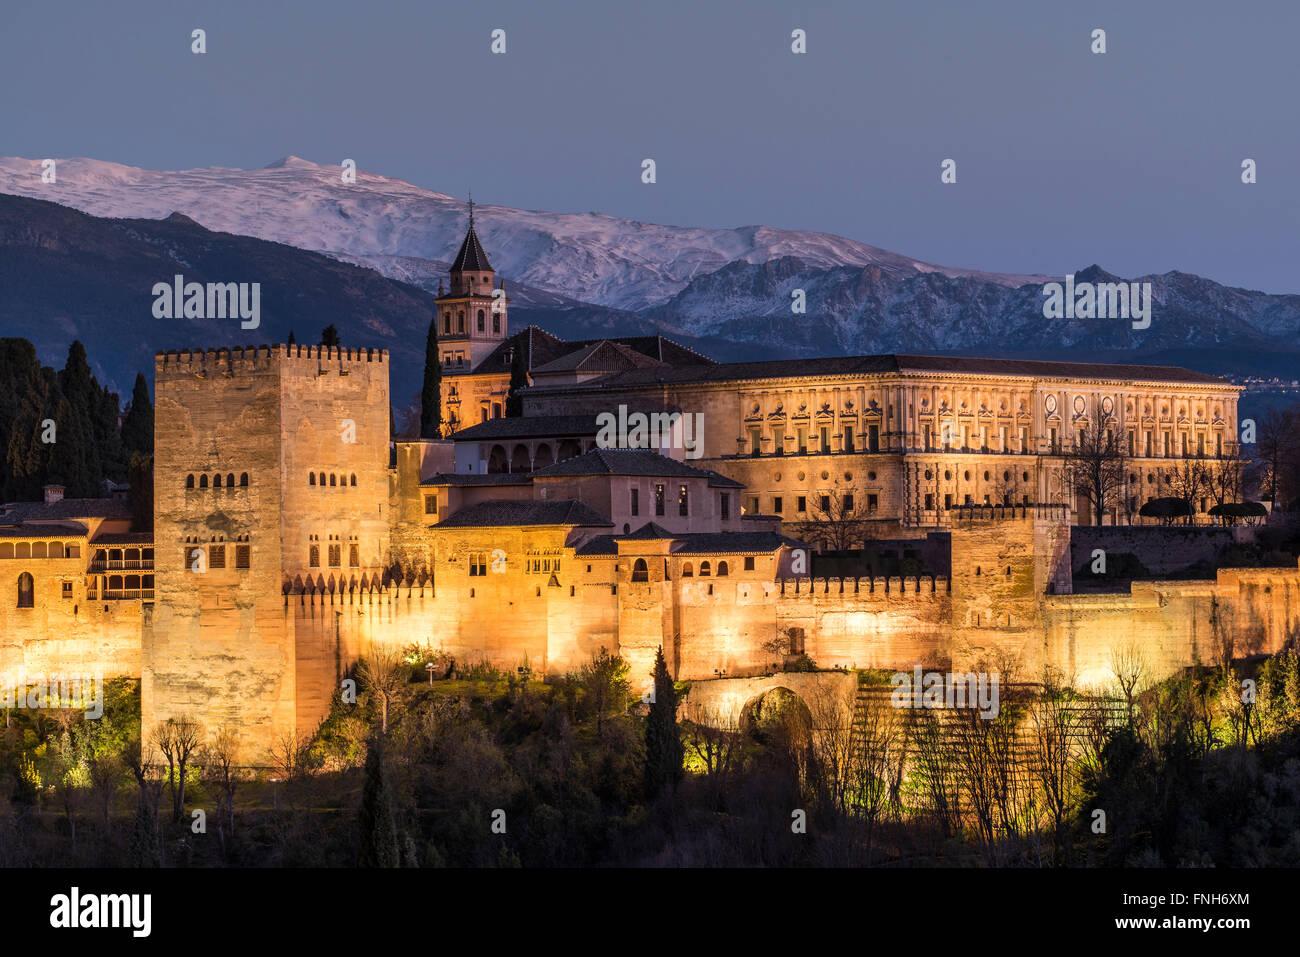 Vista al atardecer del palacio de la Alhambra con los nevados de Sierra Nevada en el fondo, Granada, Andalucía, Imagen De Stock